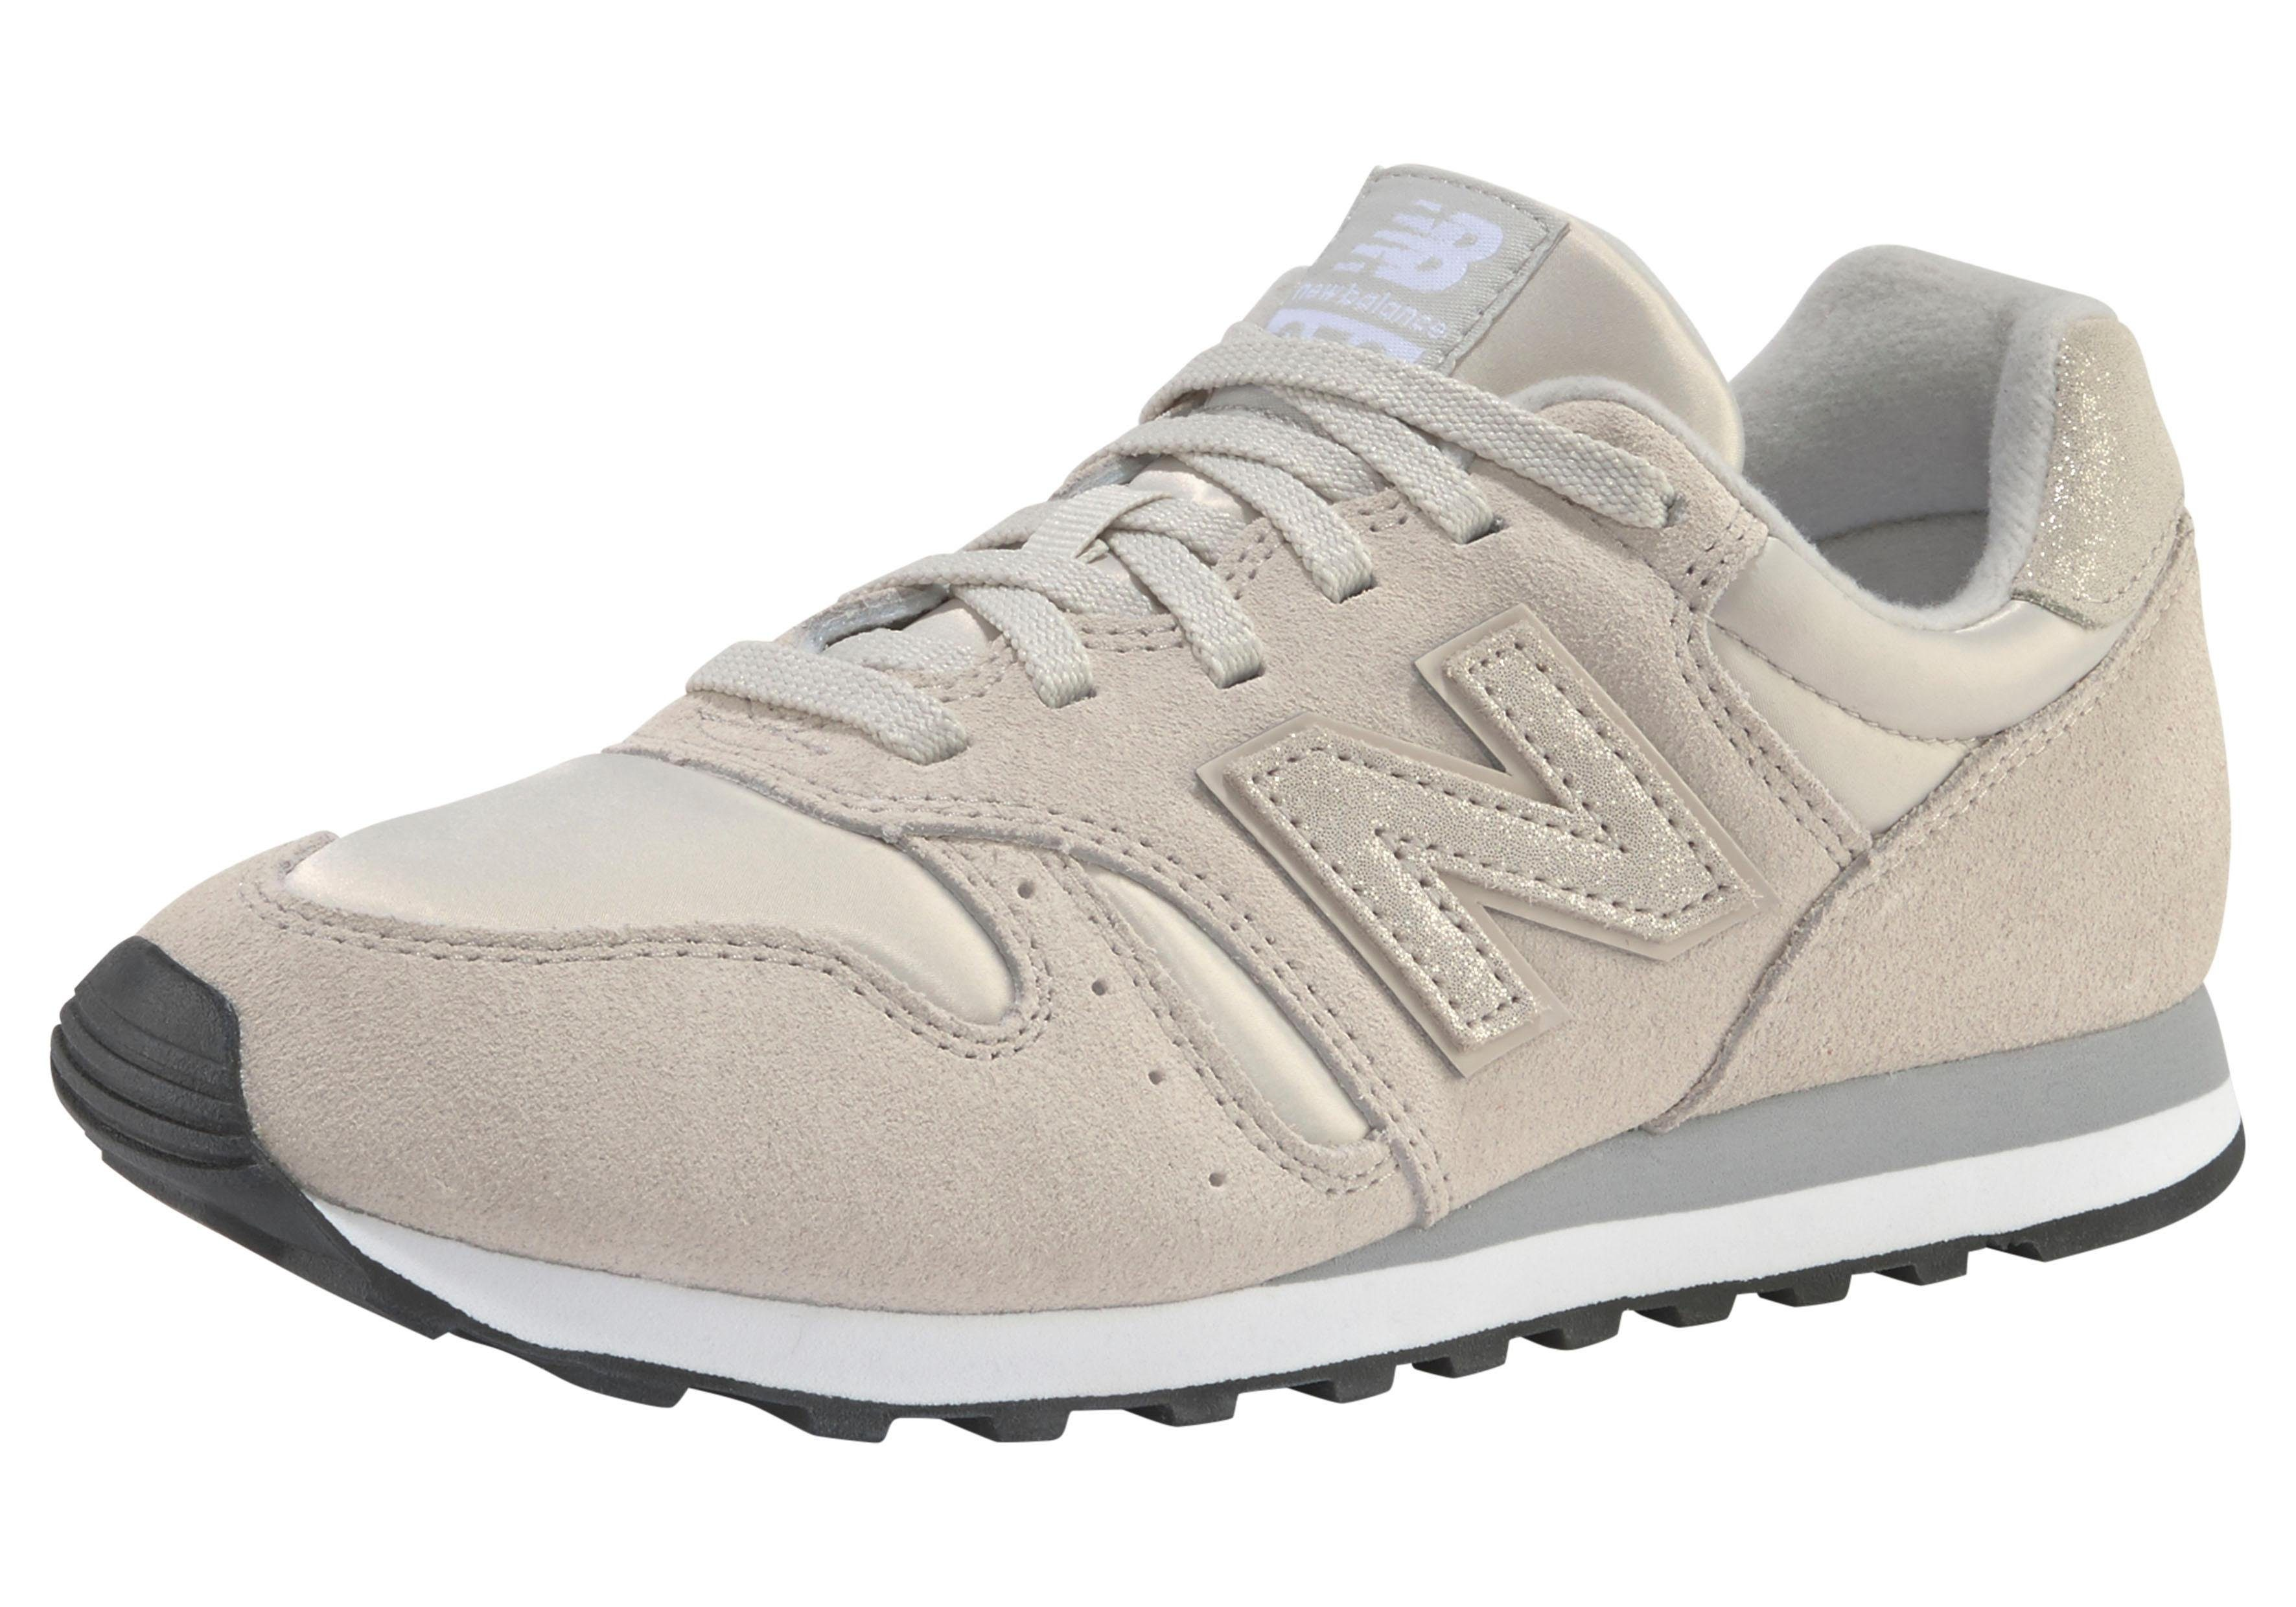 New Balance »WL 373« Sneaker, EVA Zwischensohle für optimale Dämpfung online kaufen | OTTO